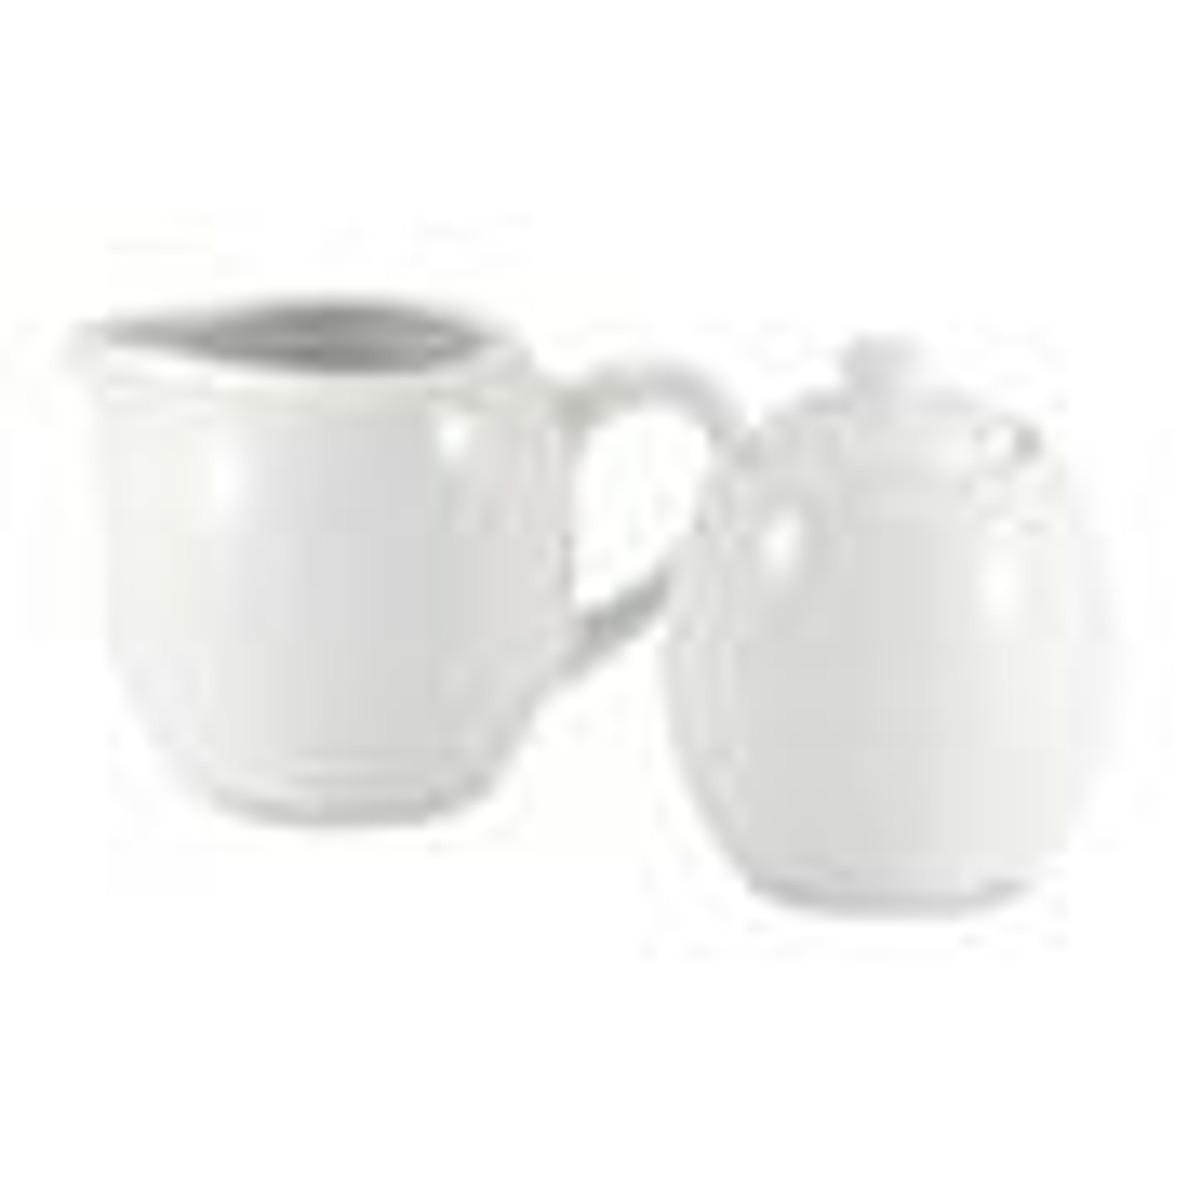 Ceramic Cream & Sugar Sets